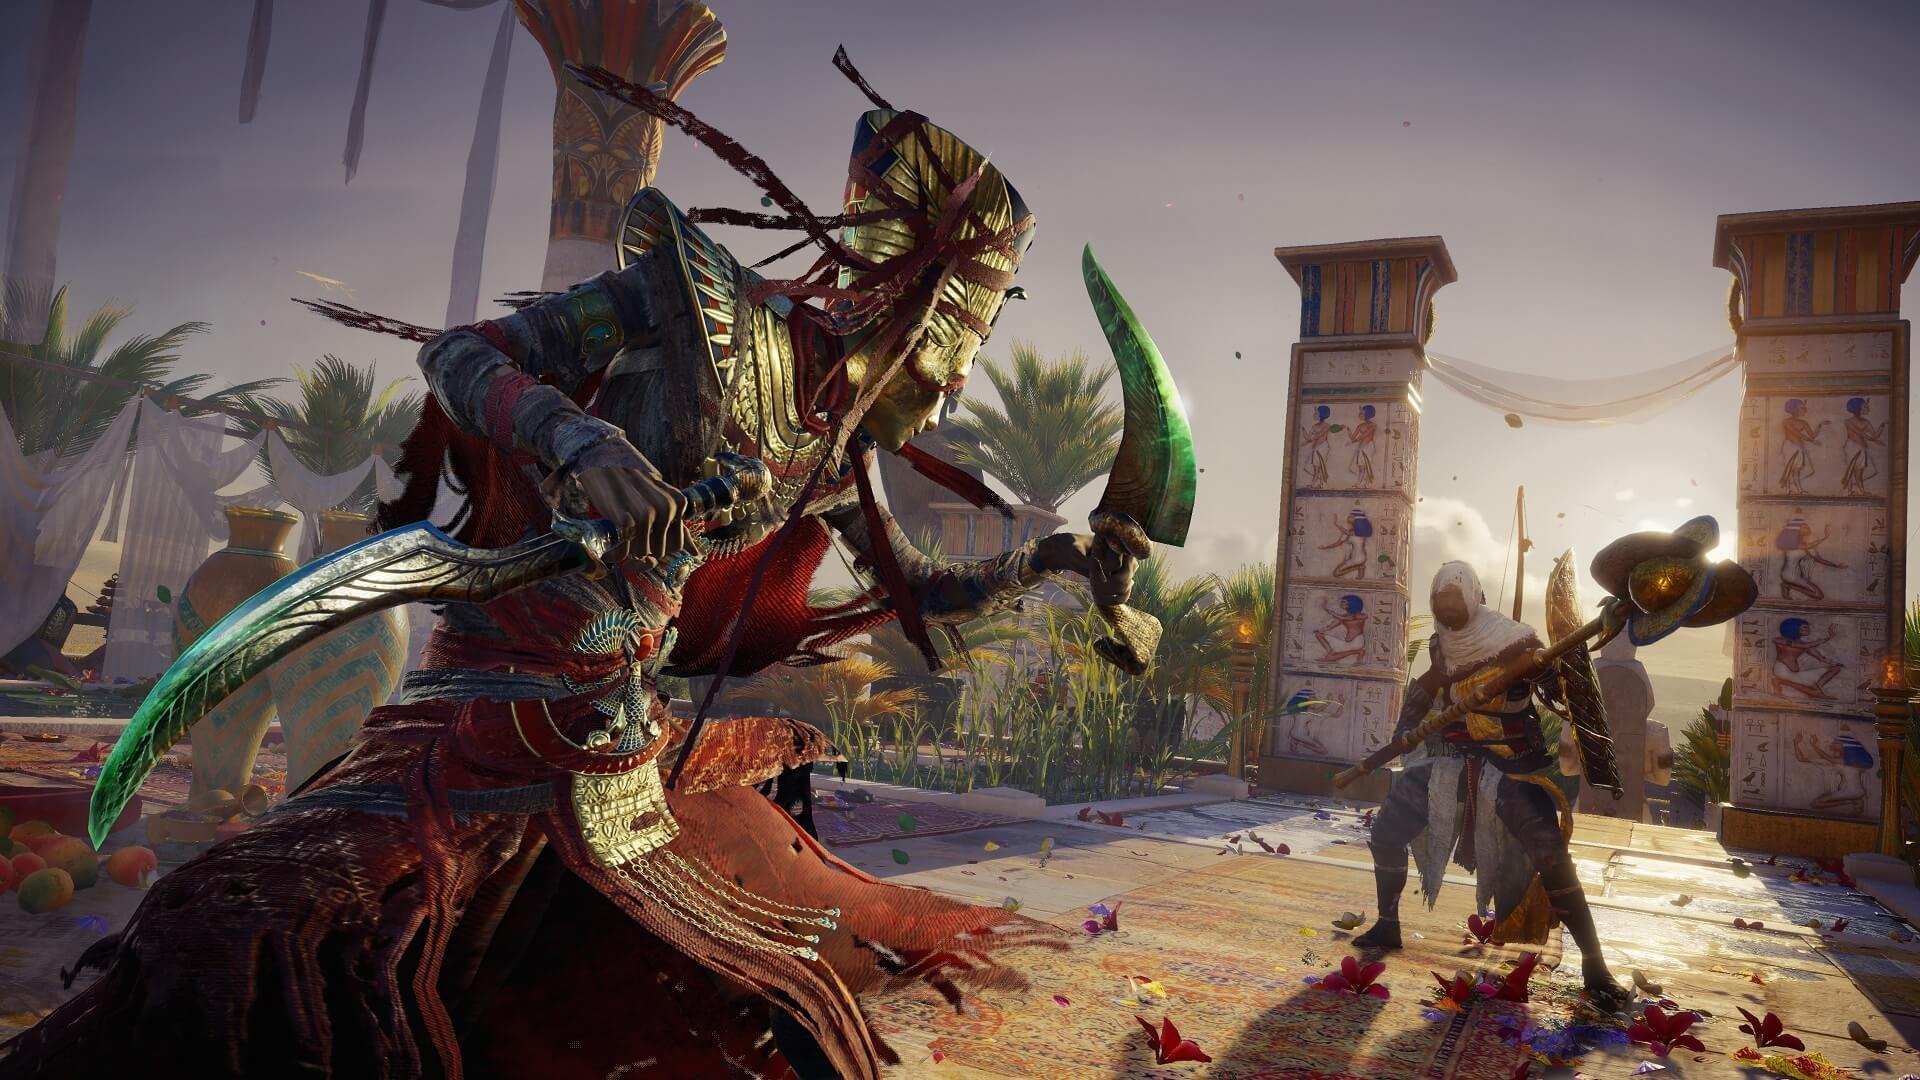 В сети появились новые скриншоты Assassin's Creed Origins — Curse of the Pharaohs DLC